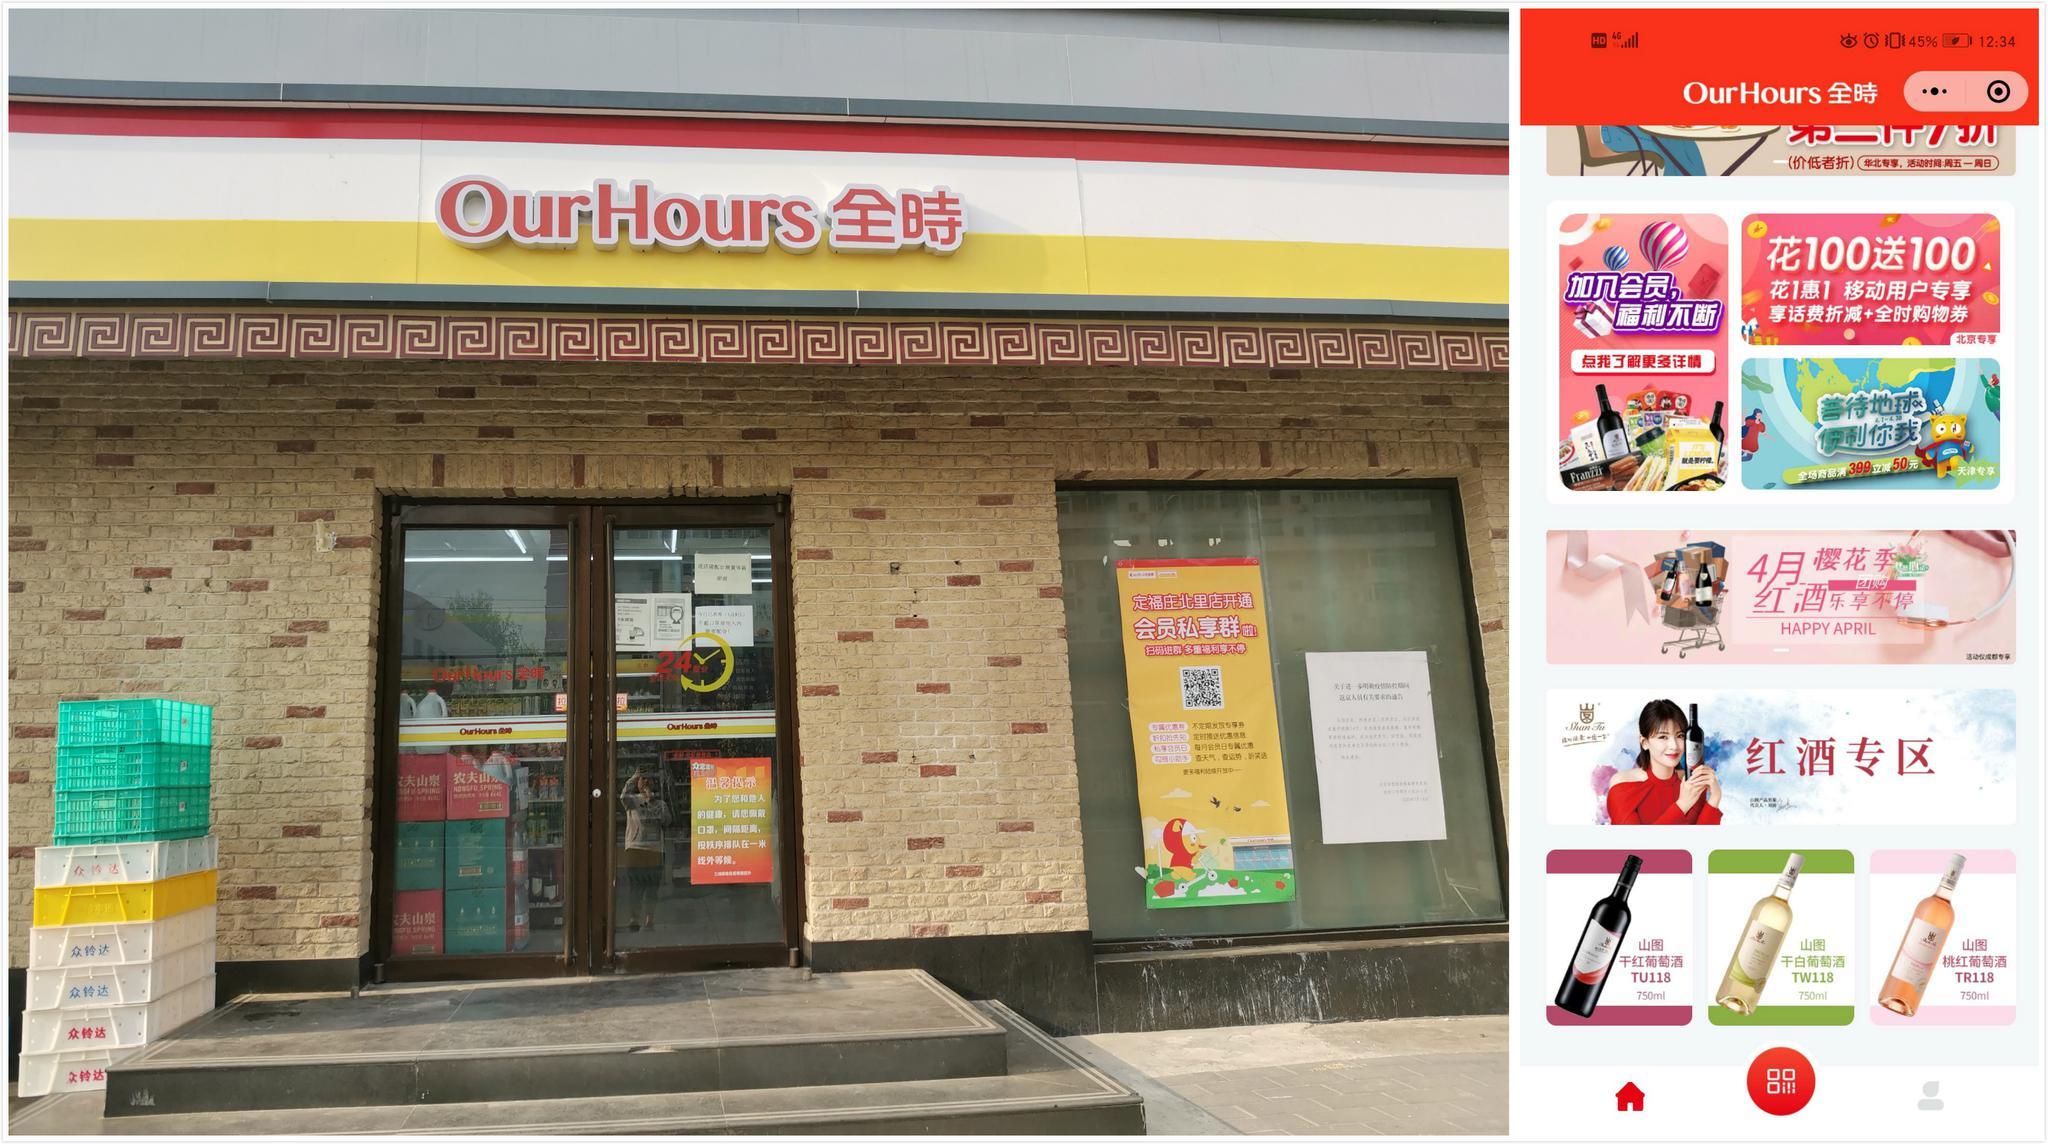 全时探索线上业务便利店为何蓝冠官网热衷,蓝冠官网图片